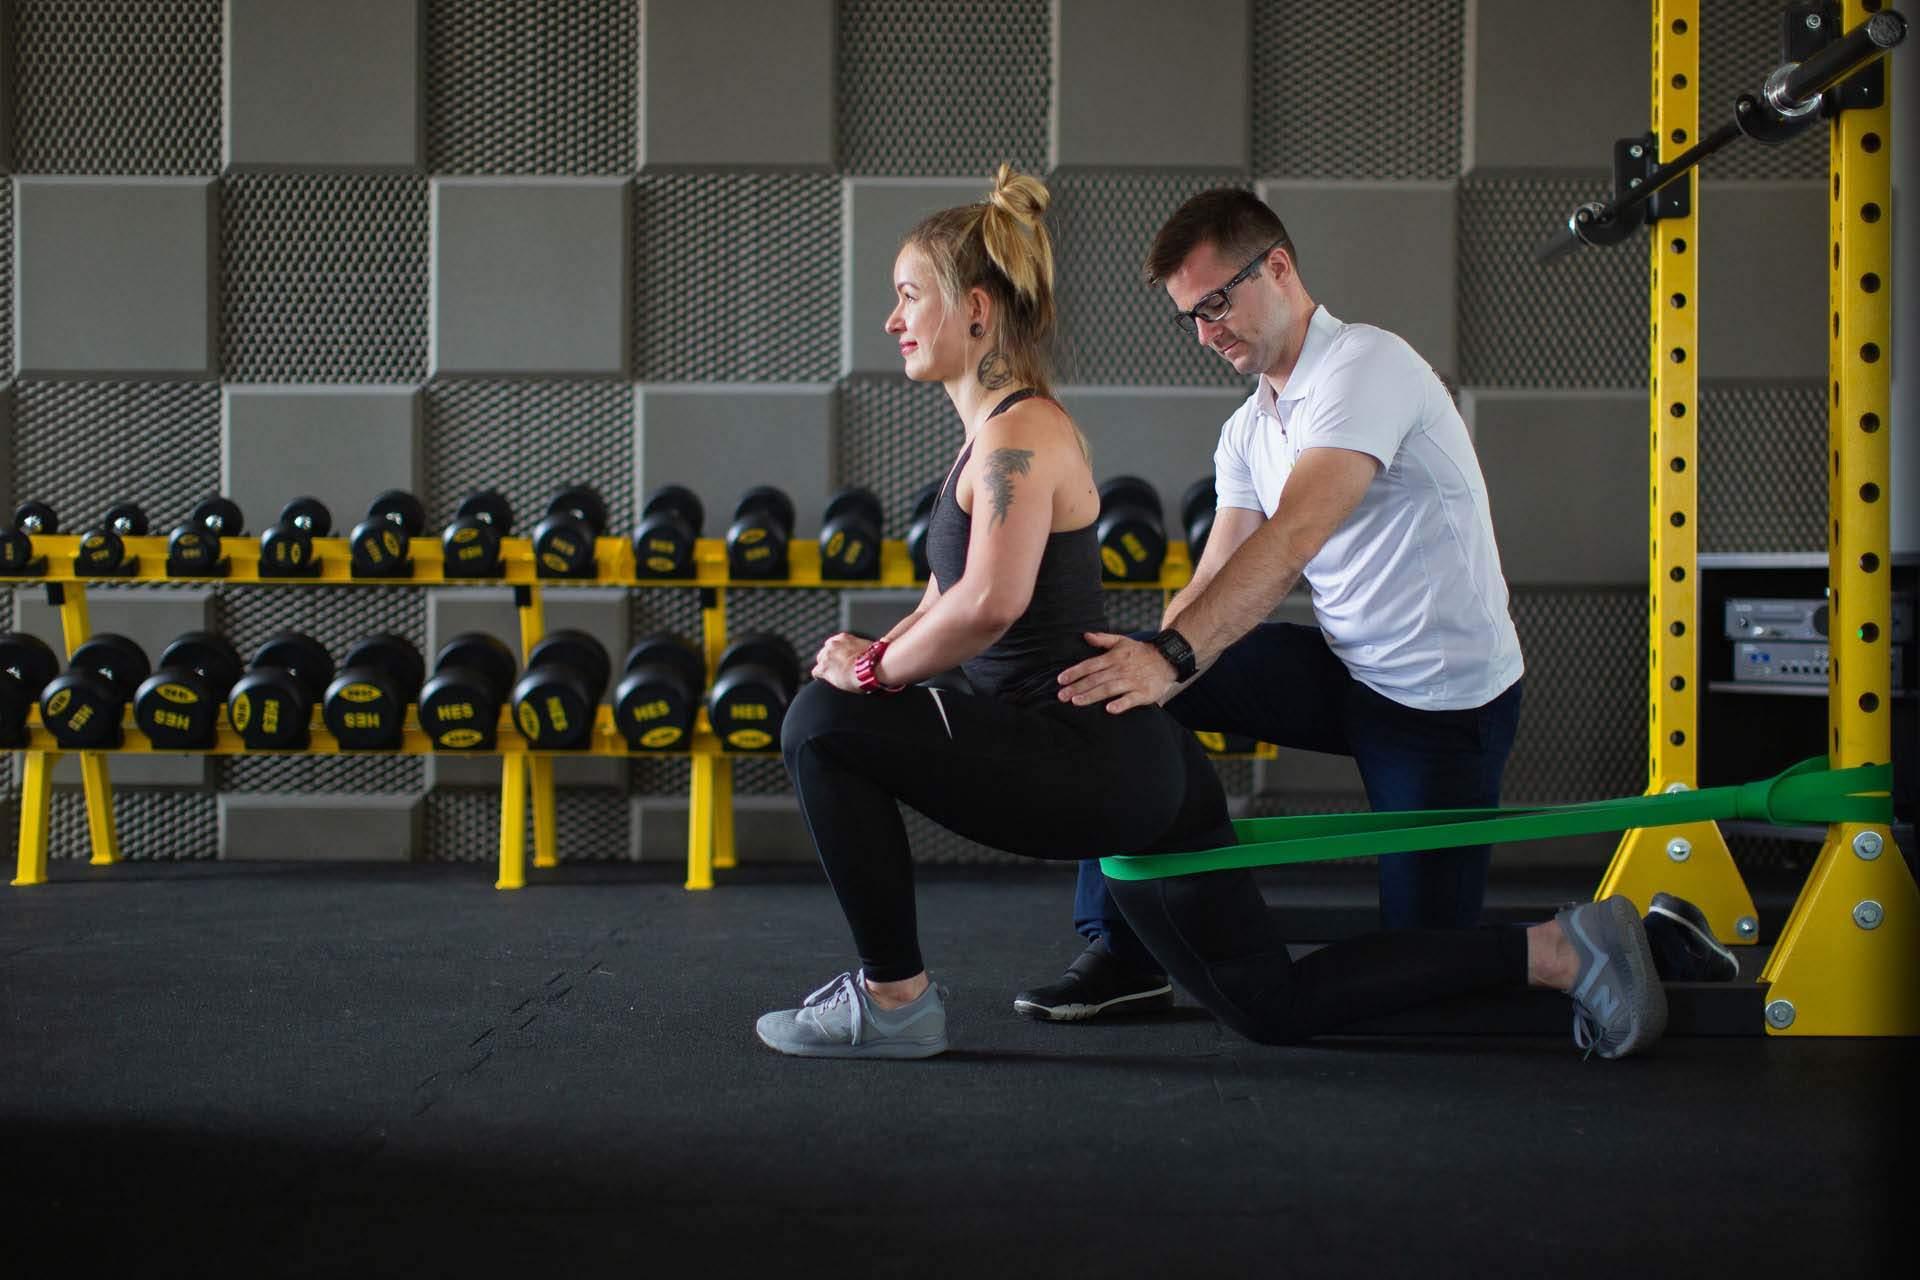 Medyczny trening rehabilitacyjny jest doskonałym uzupełnieniem kompleksowej fizjoterapii.